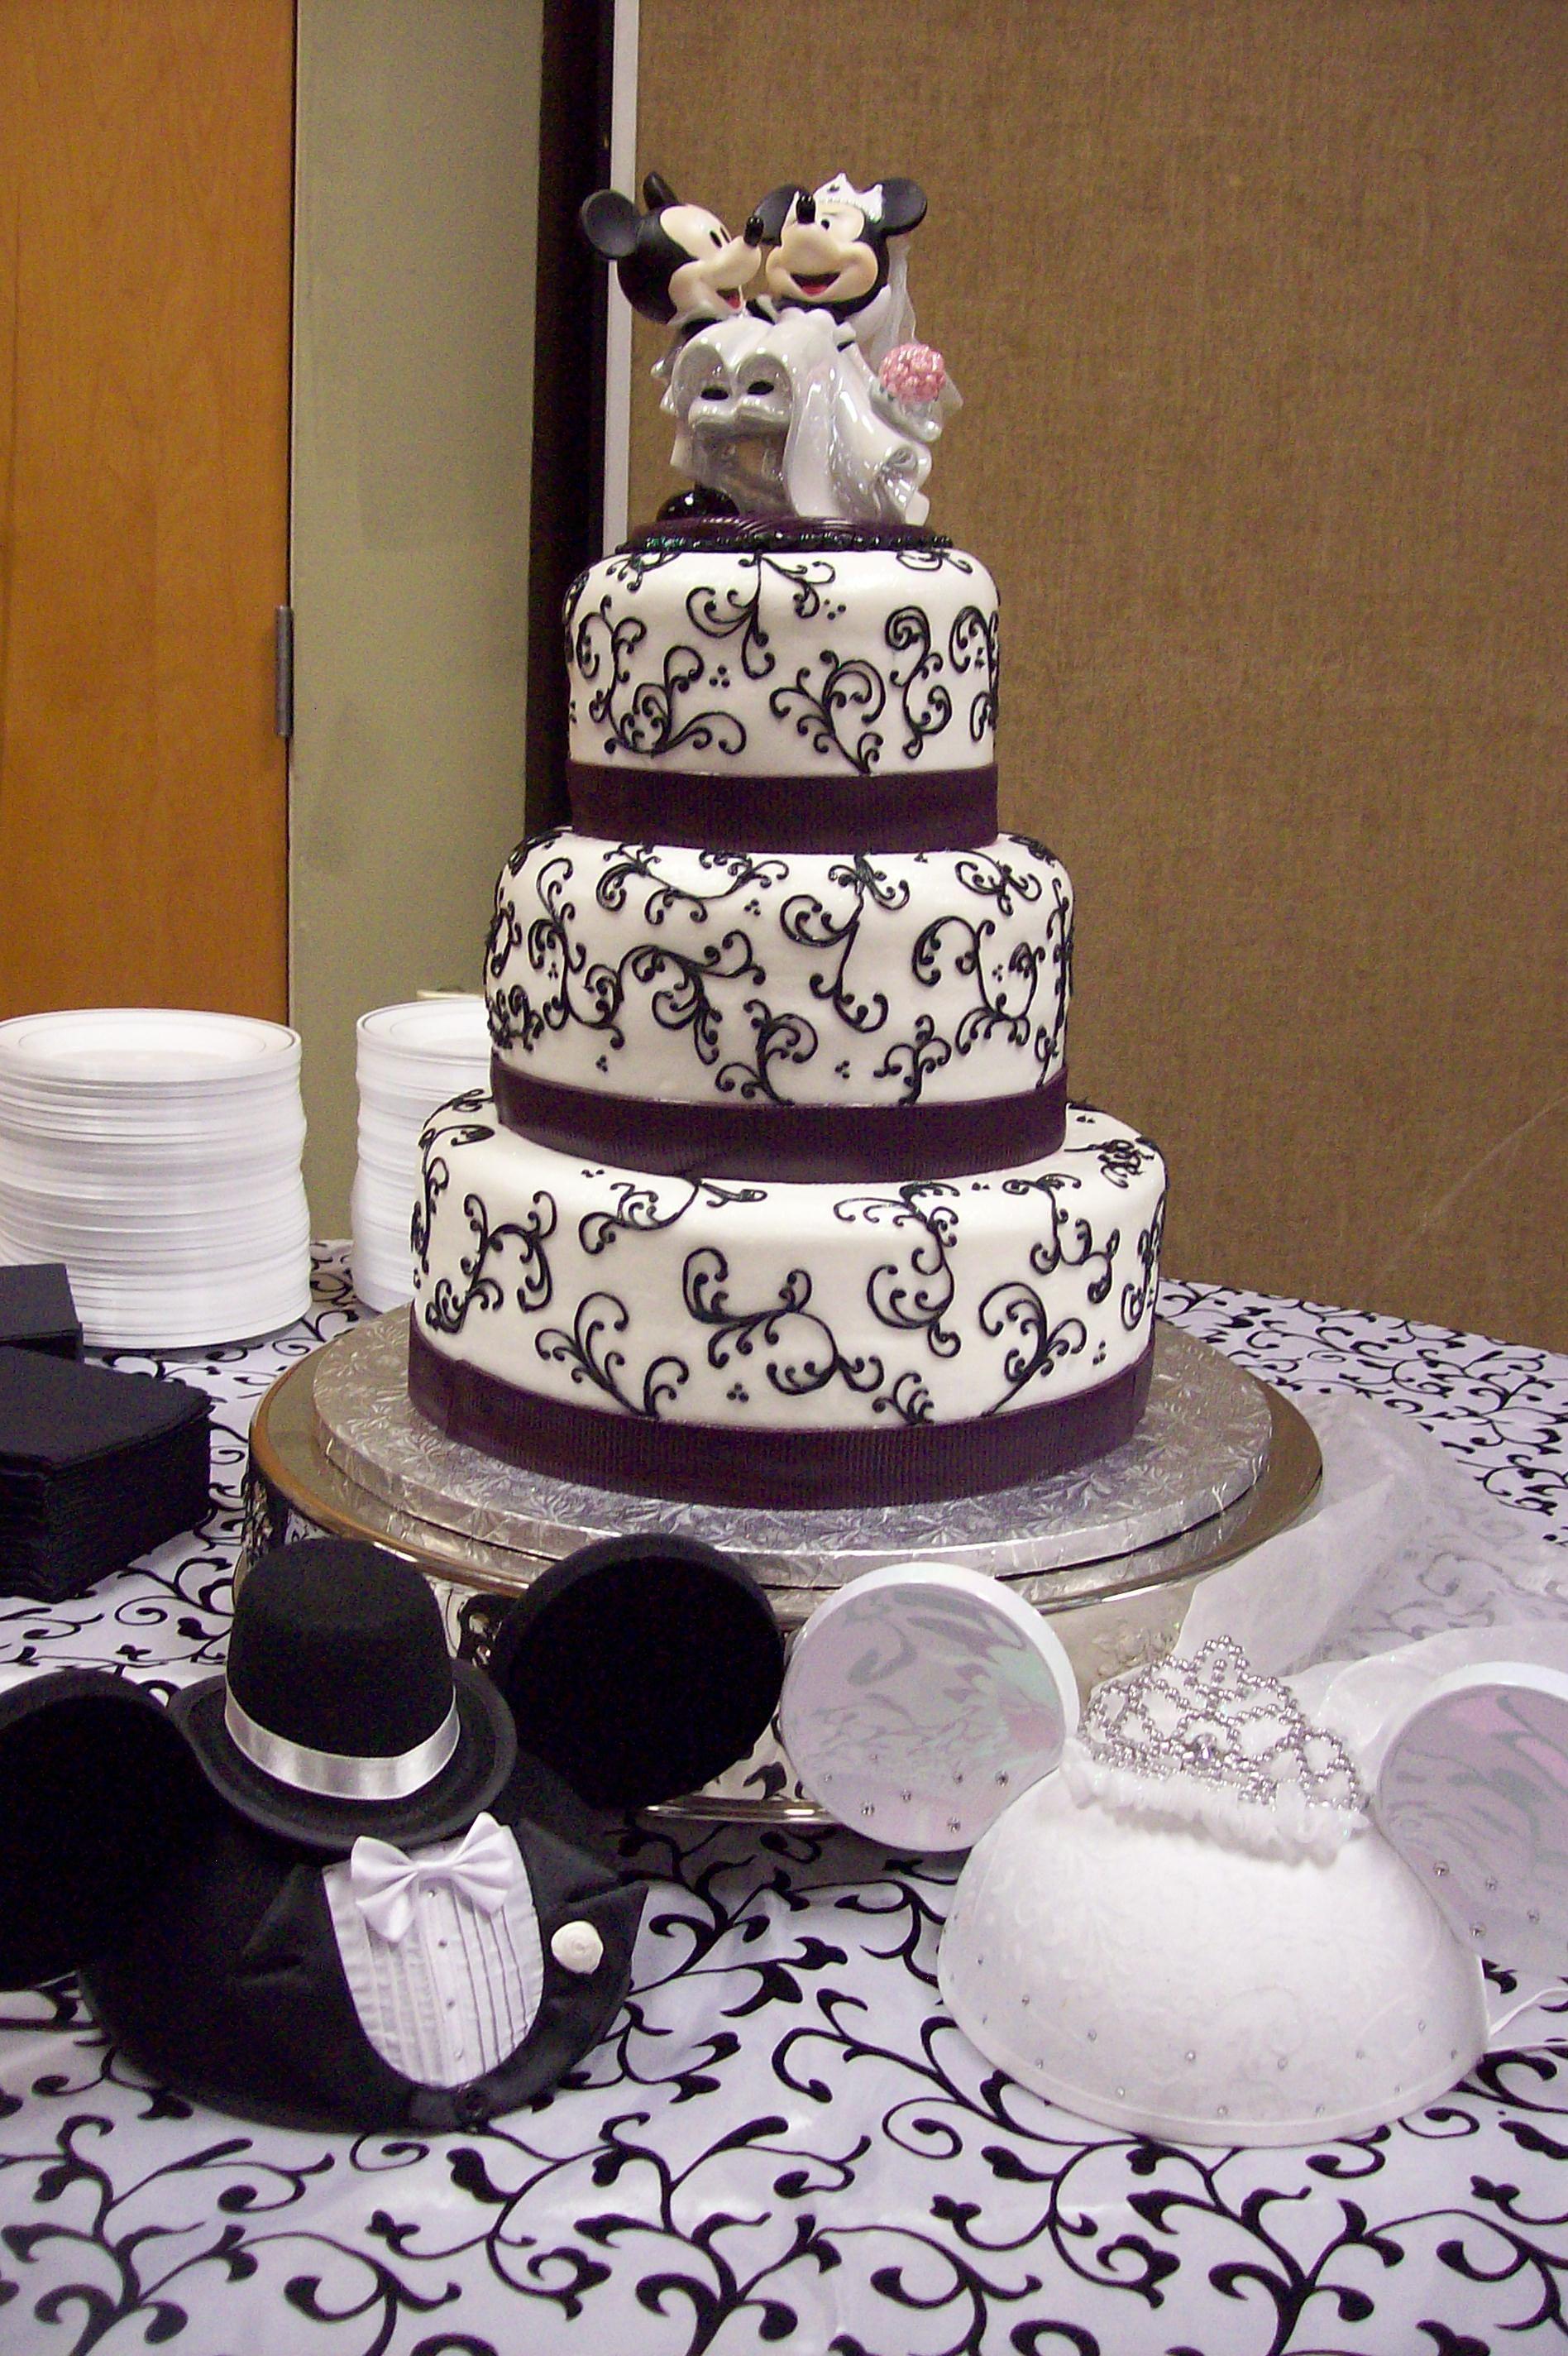 mickey & minnie wedding cake.   mickey, minnie wedding